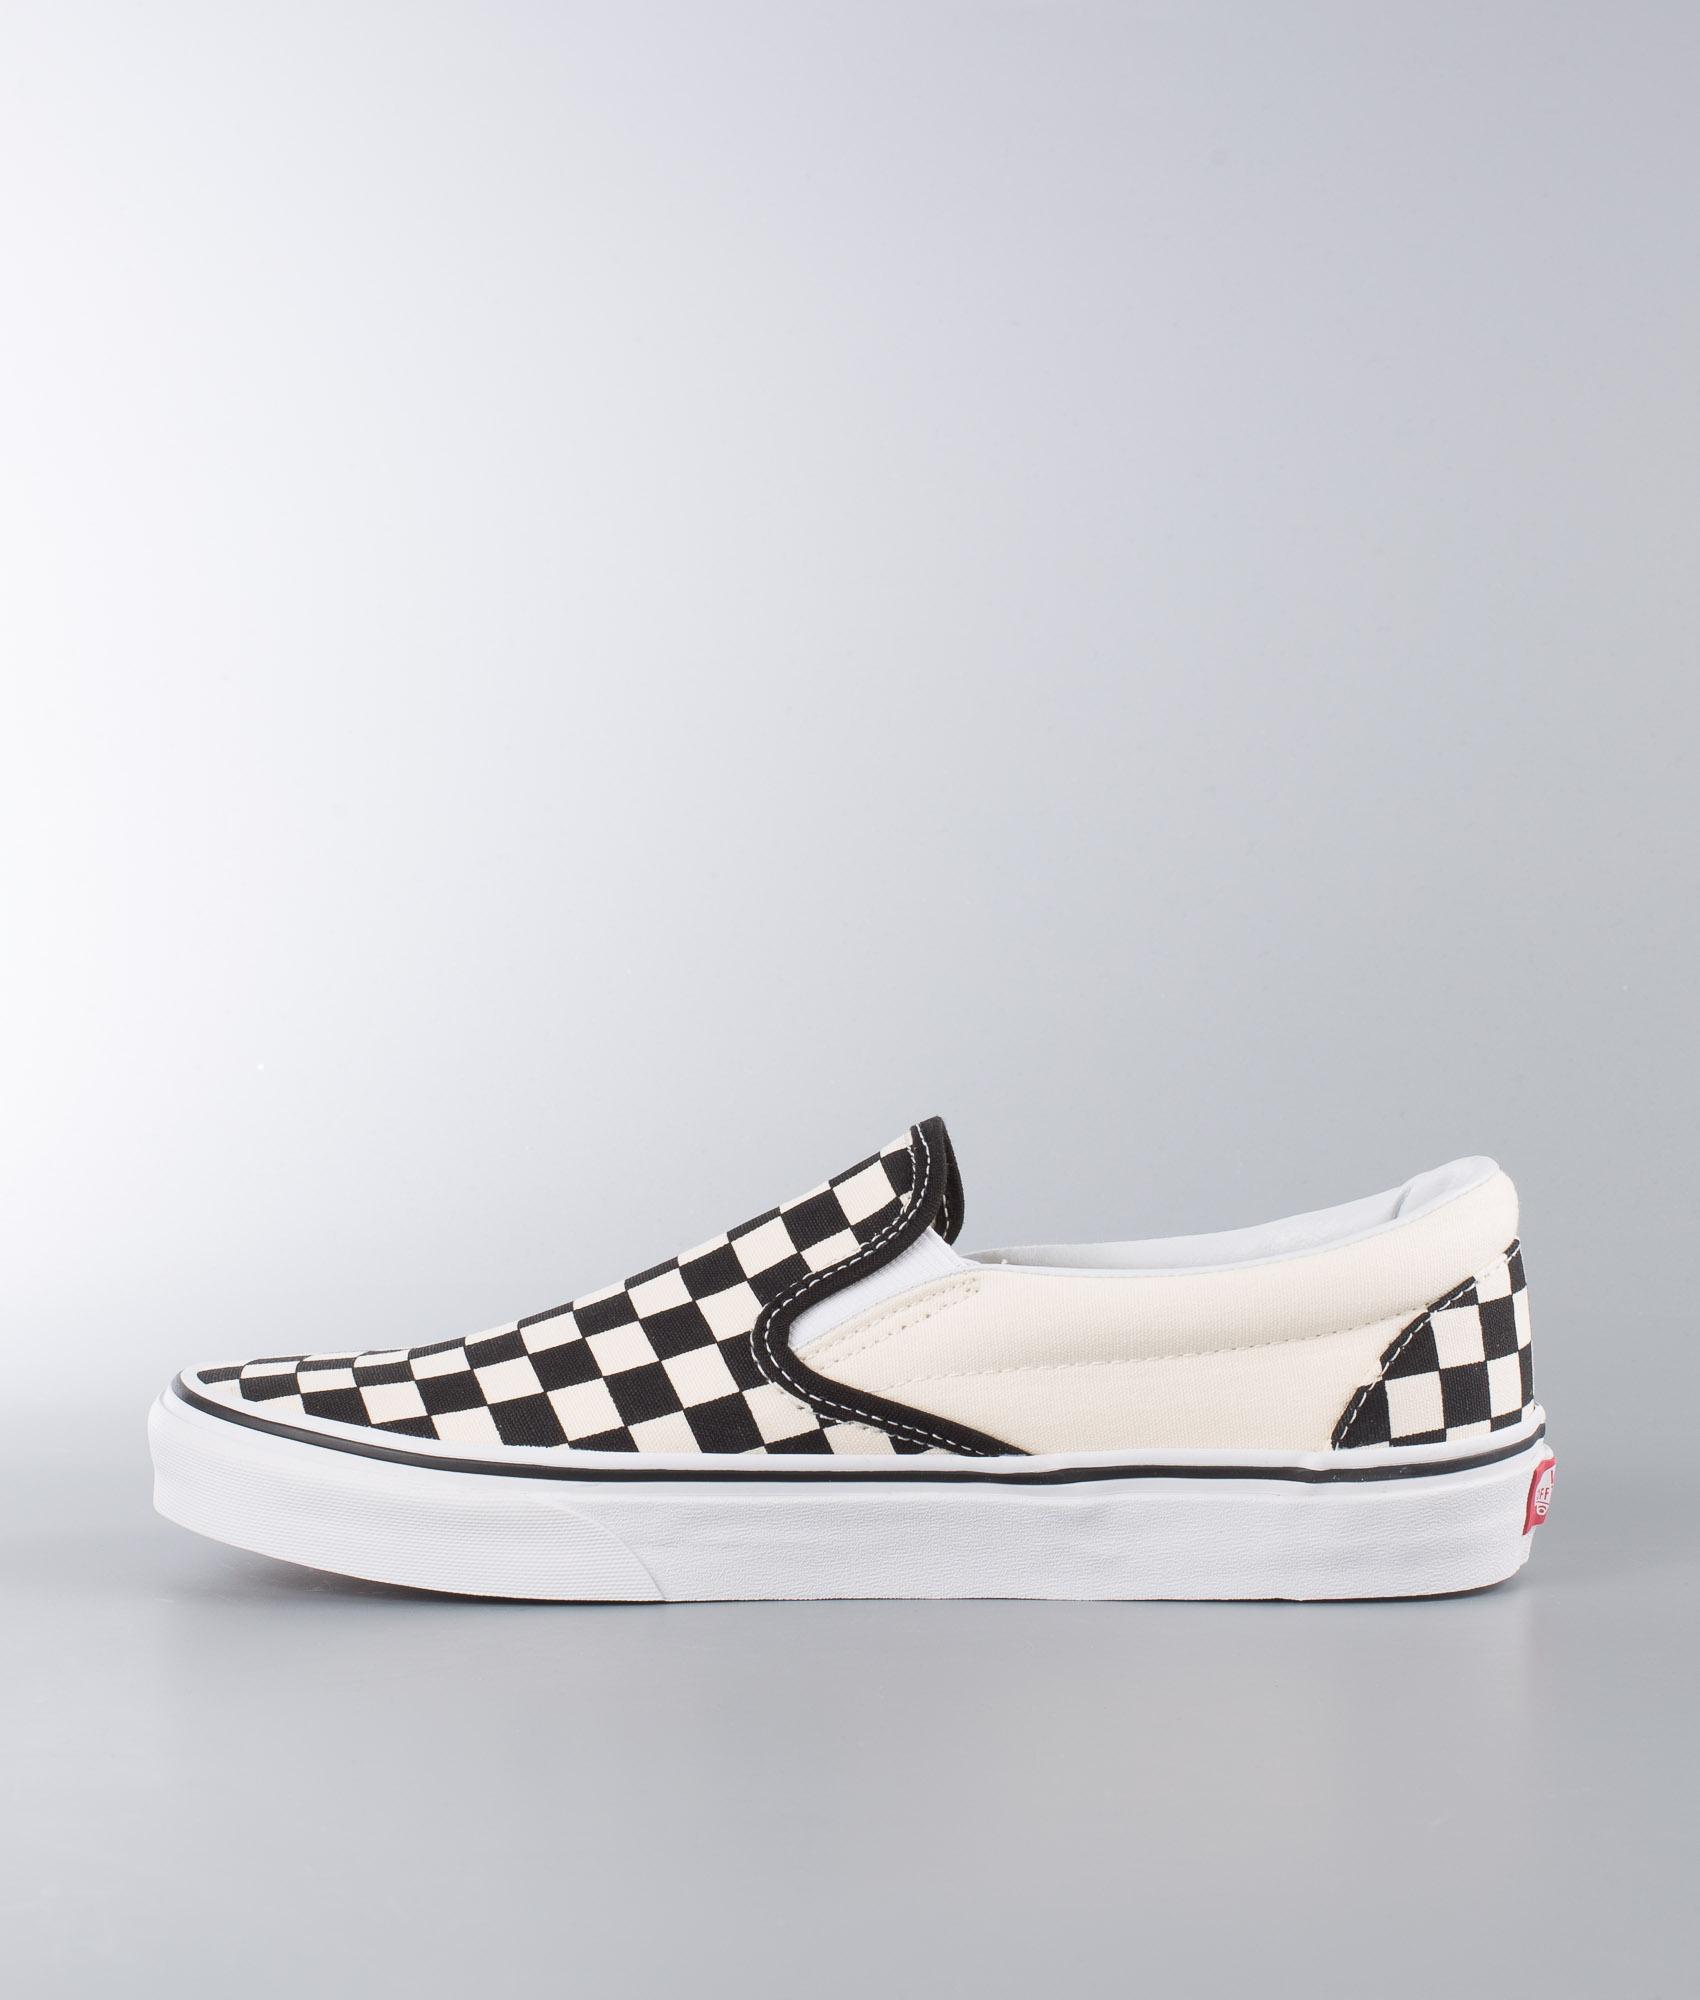 Vans Classic Slip-On Shoes Black White